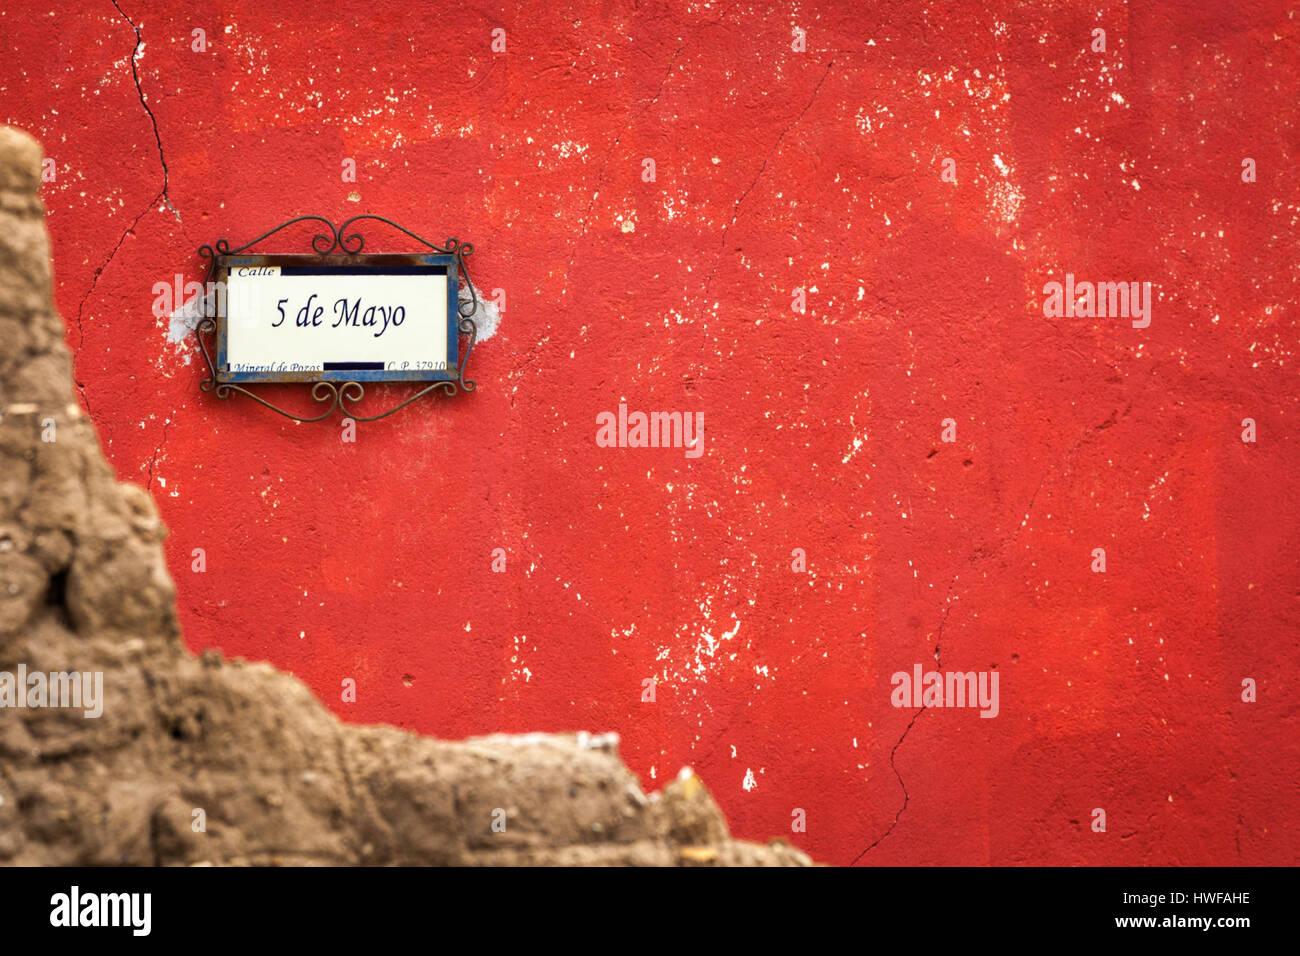 5 de Mayo, ein Straßenschild in der Geisterstadt von Mineral de Pozos, Guanajuato, Mexiko. Stockbild